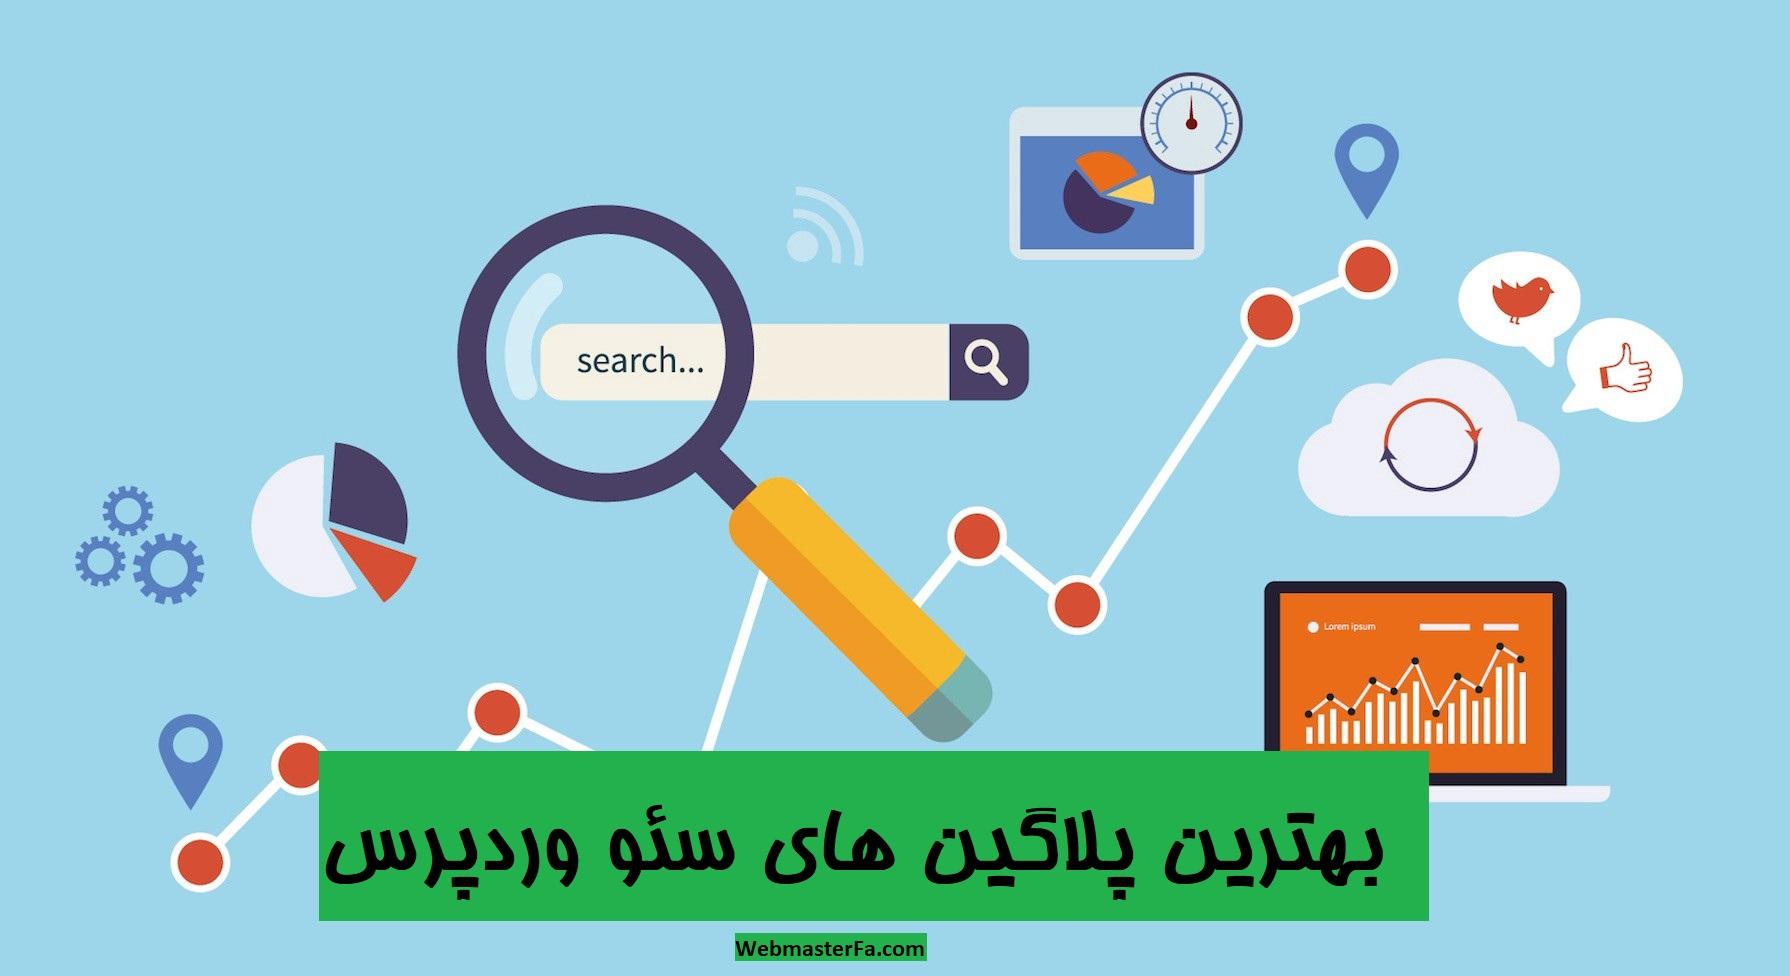 تصویر از بهترین پلاگین های سئو وردپرس برای افزایش رتبه وبسایت در گوگل